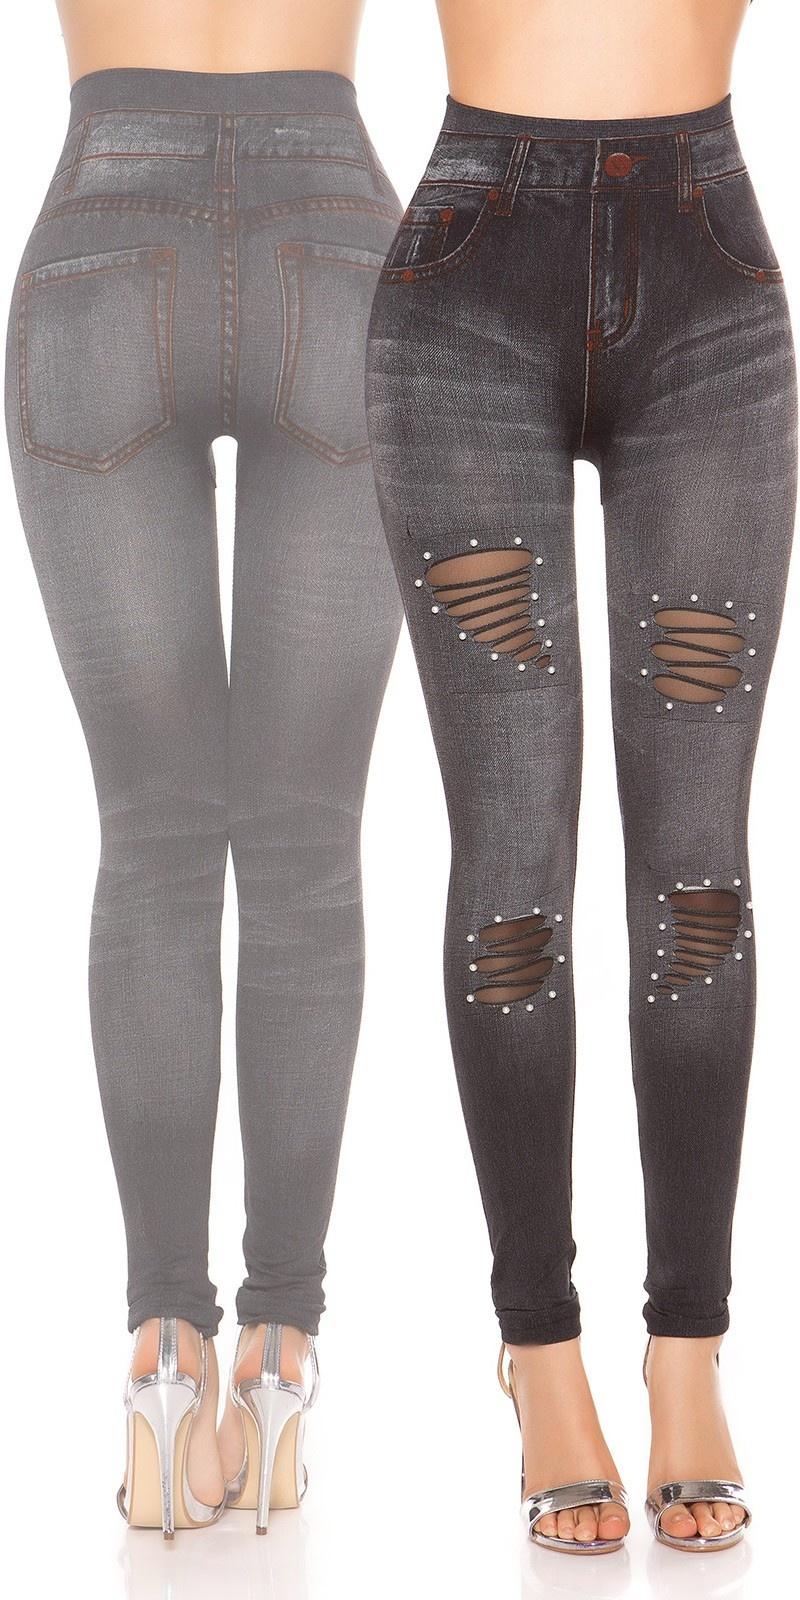 Sexy jeanslook-leggings met kralen zwart